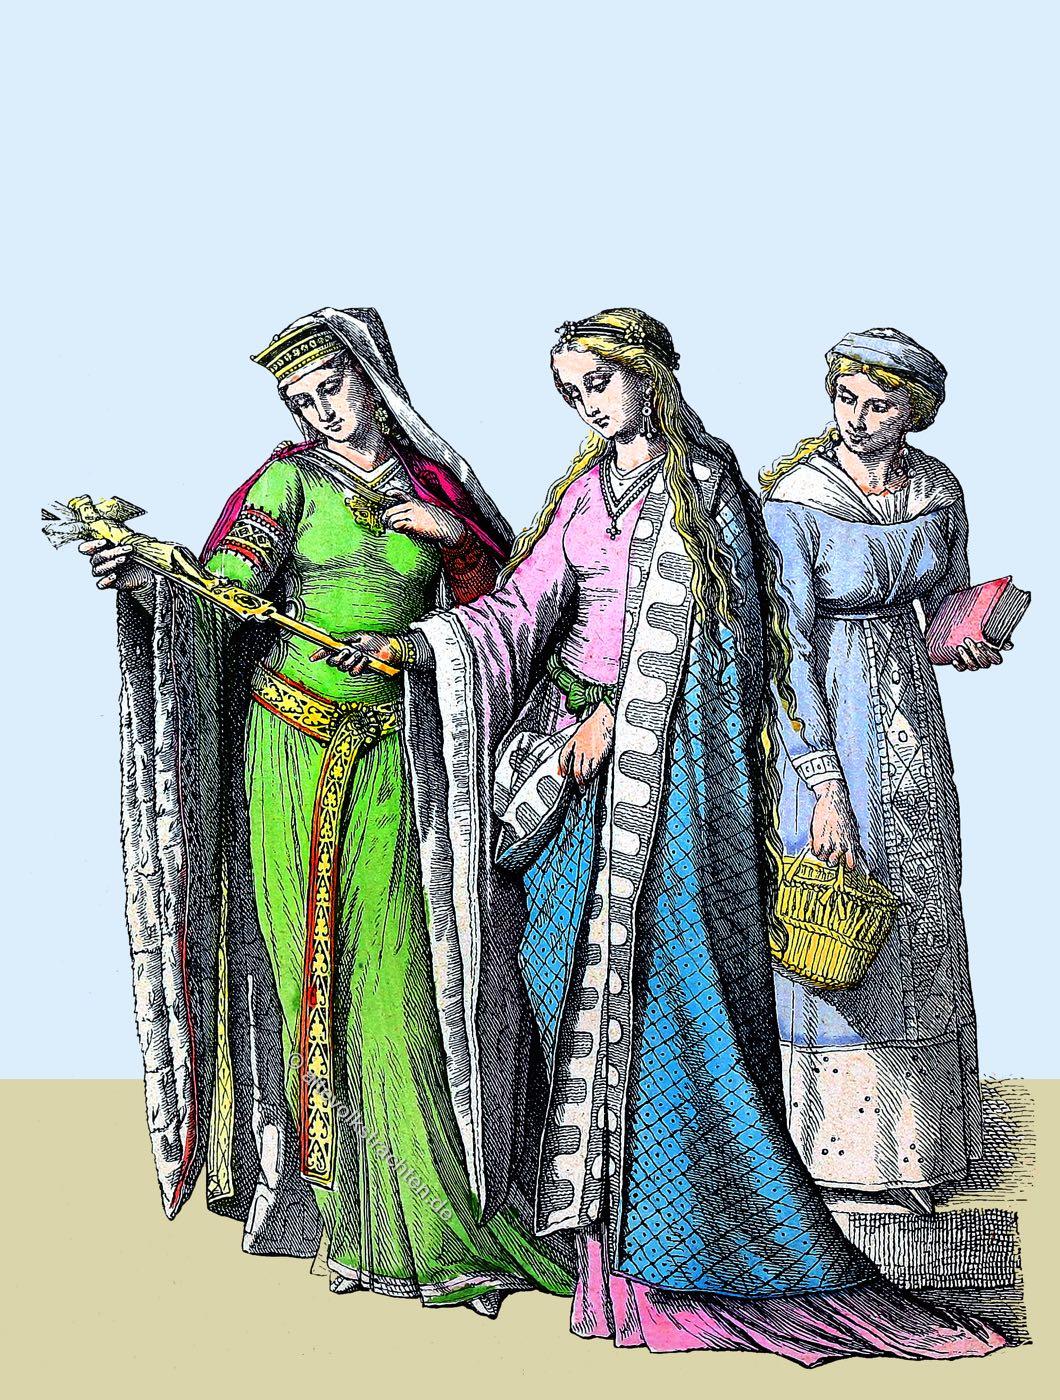 Münchener Bilderbogen, Mittelalter, Kleidung, Kostüm, Gewandung, Bliaut